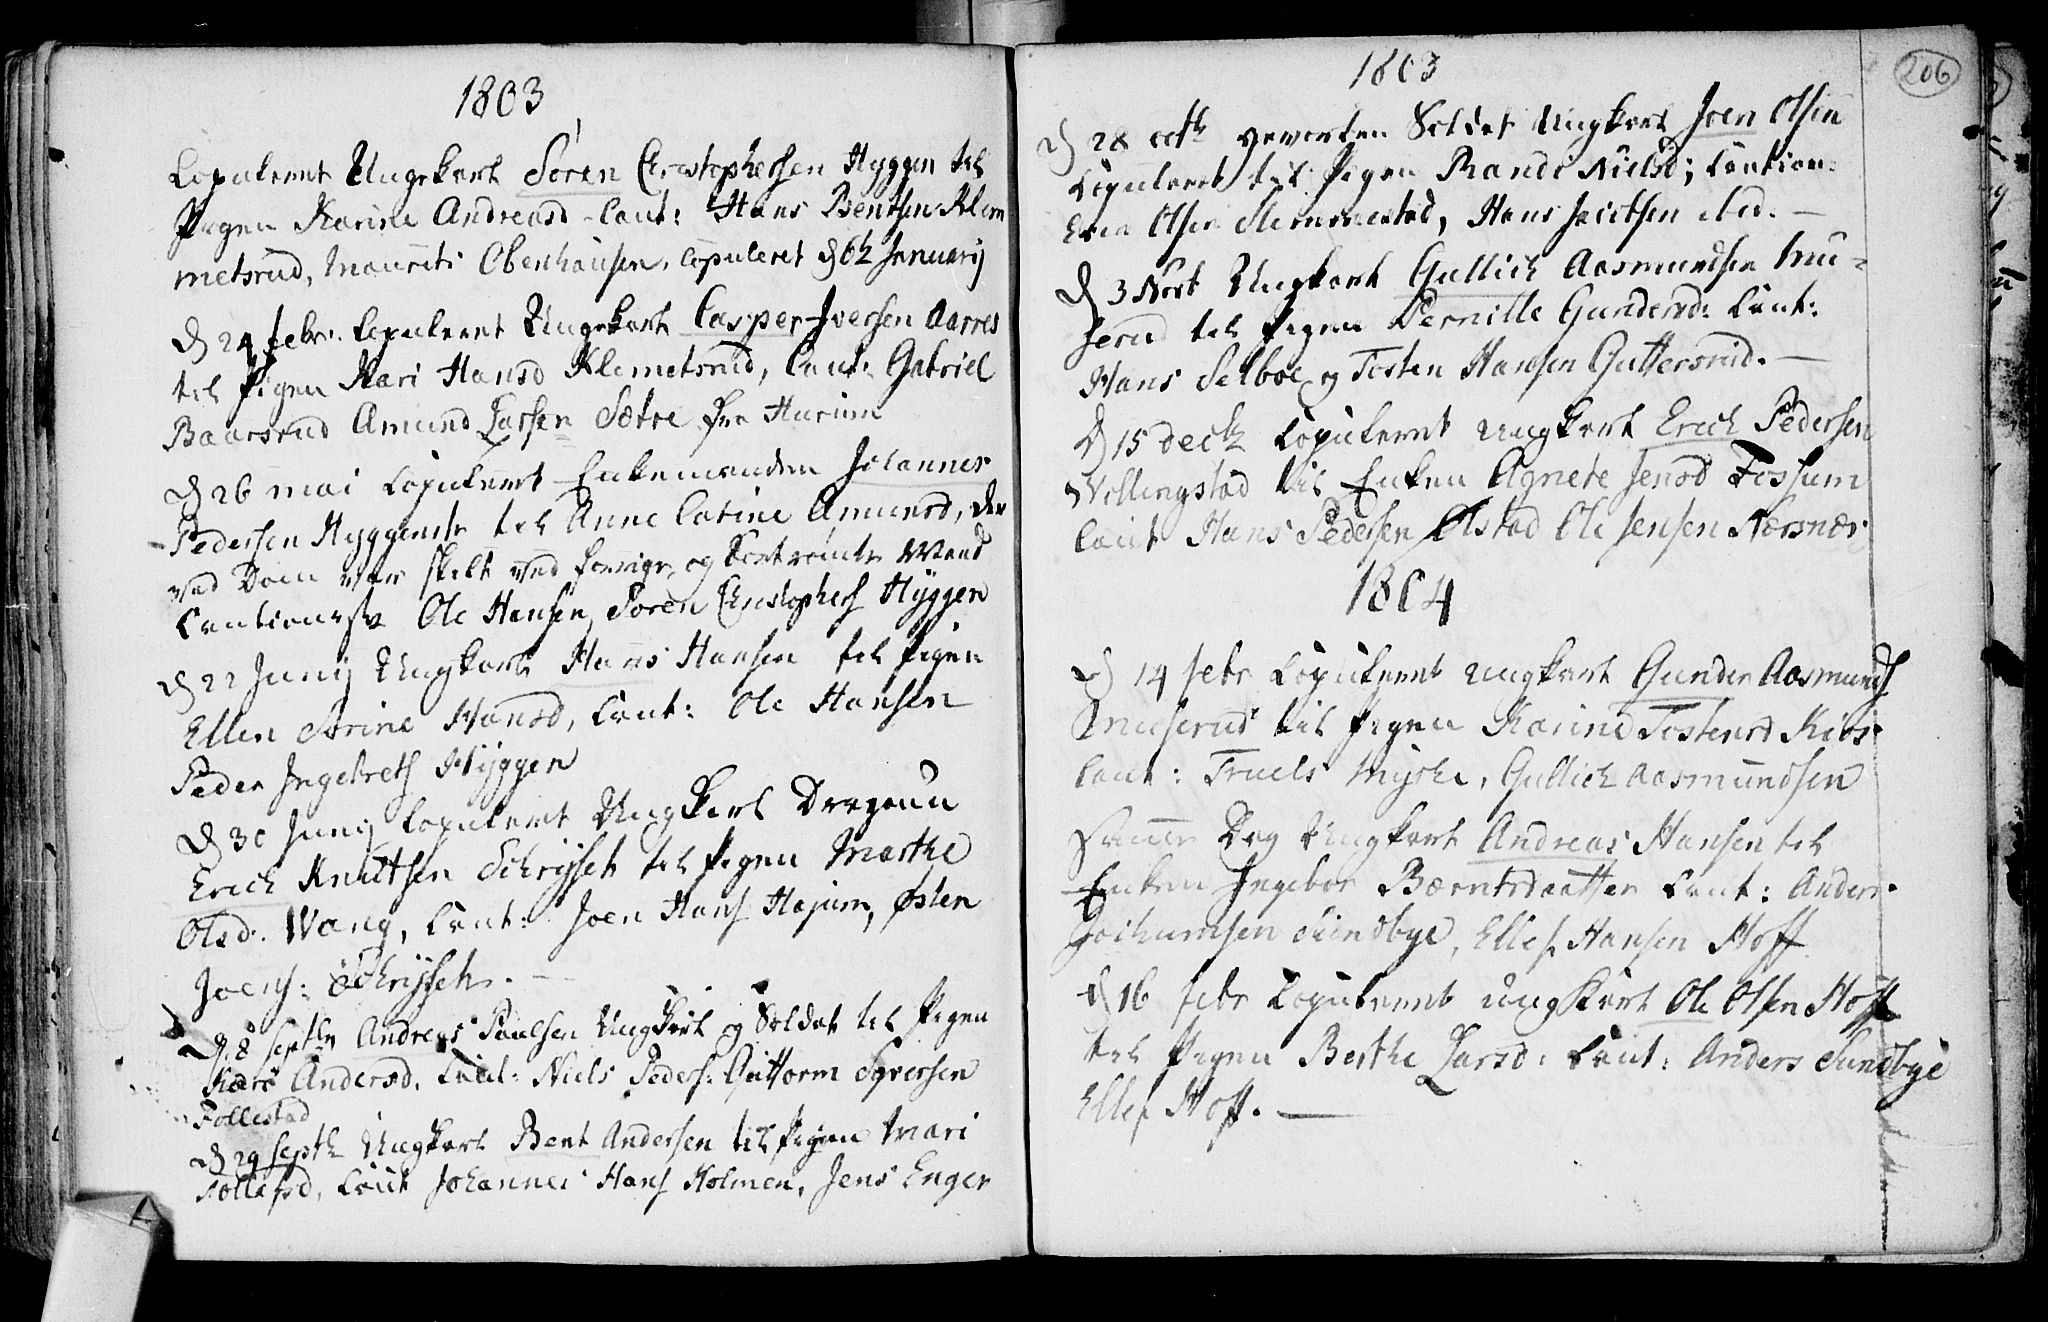 SAKO, Røyken kirkebøker, F/Fa/L0003: Ministerialbok nr. 3, 1782-1813, s. 206